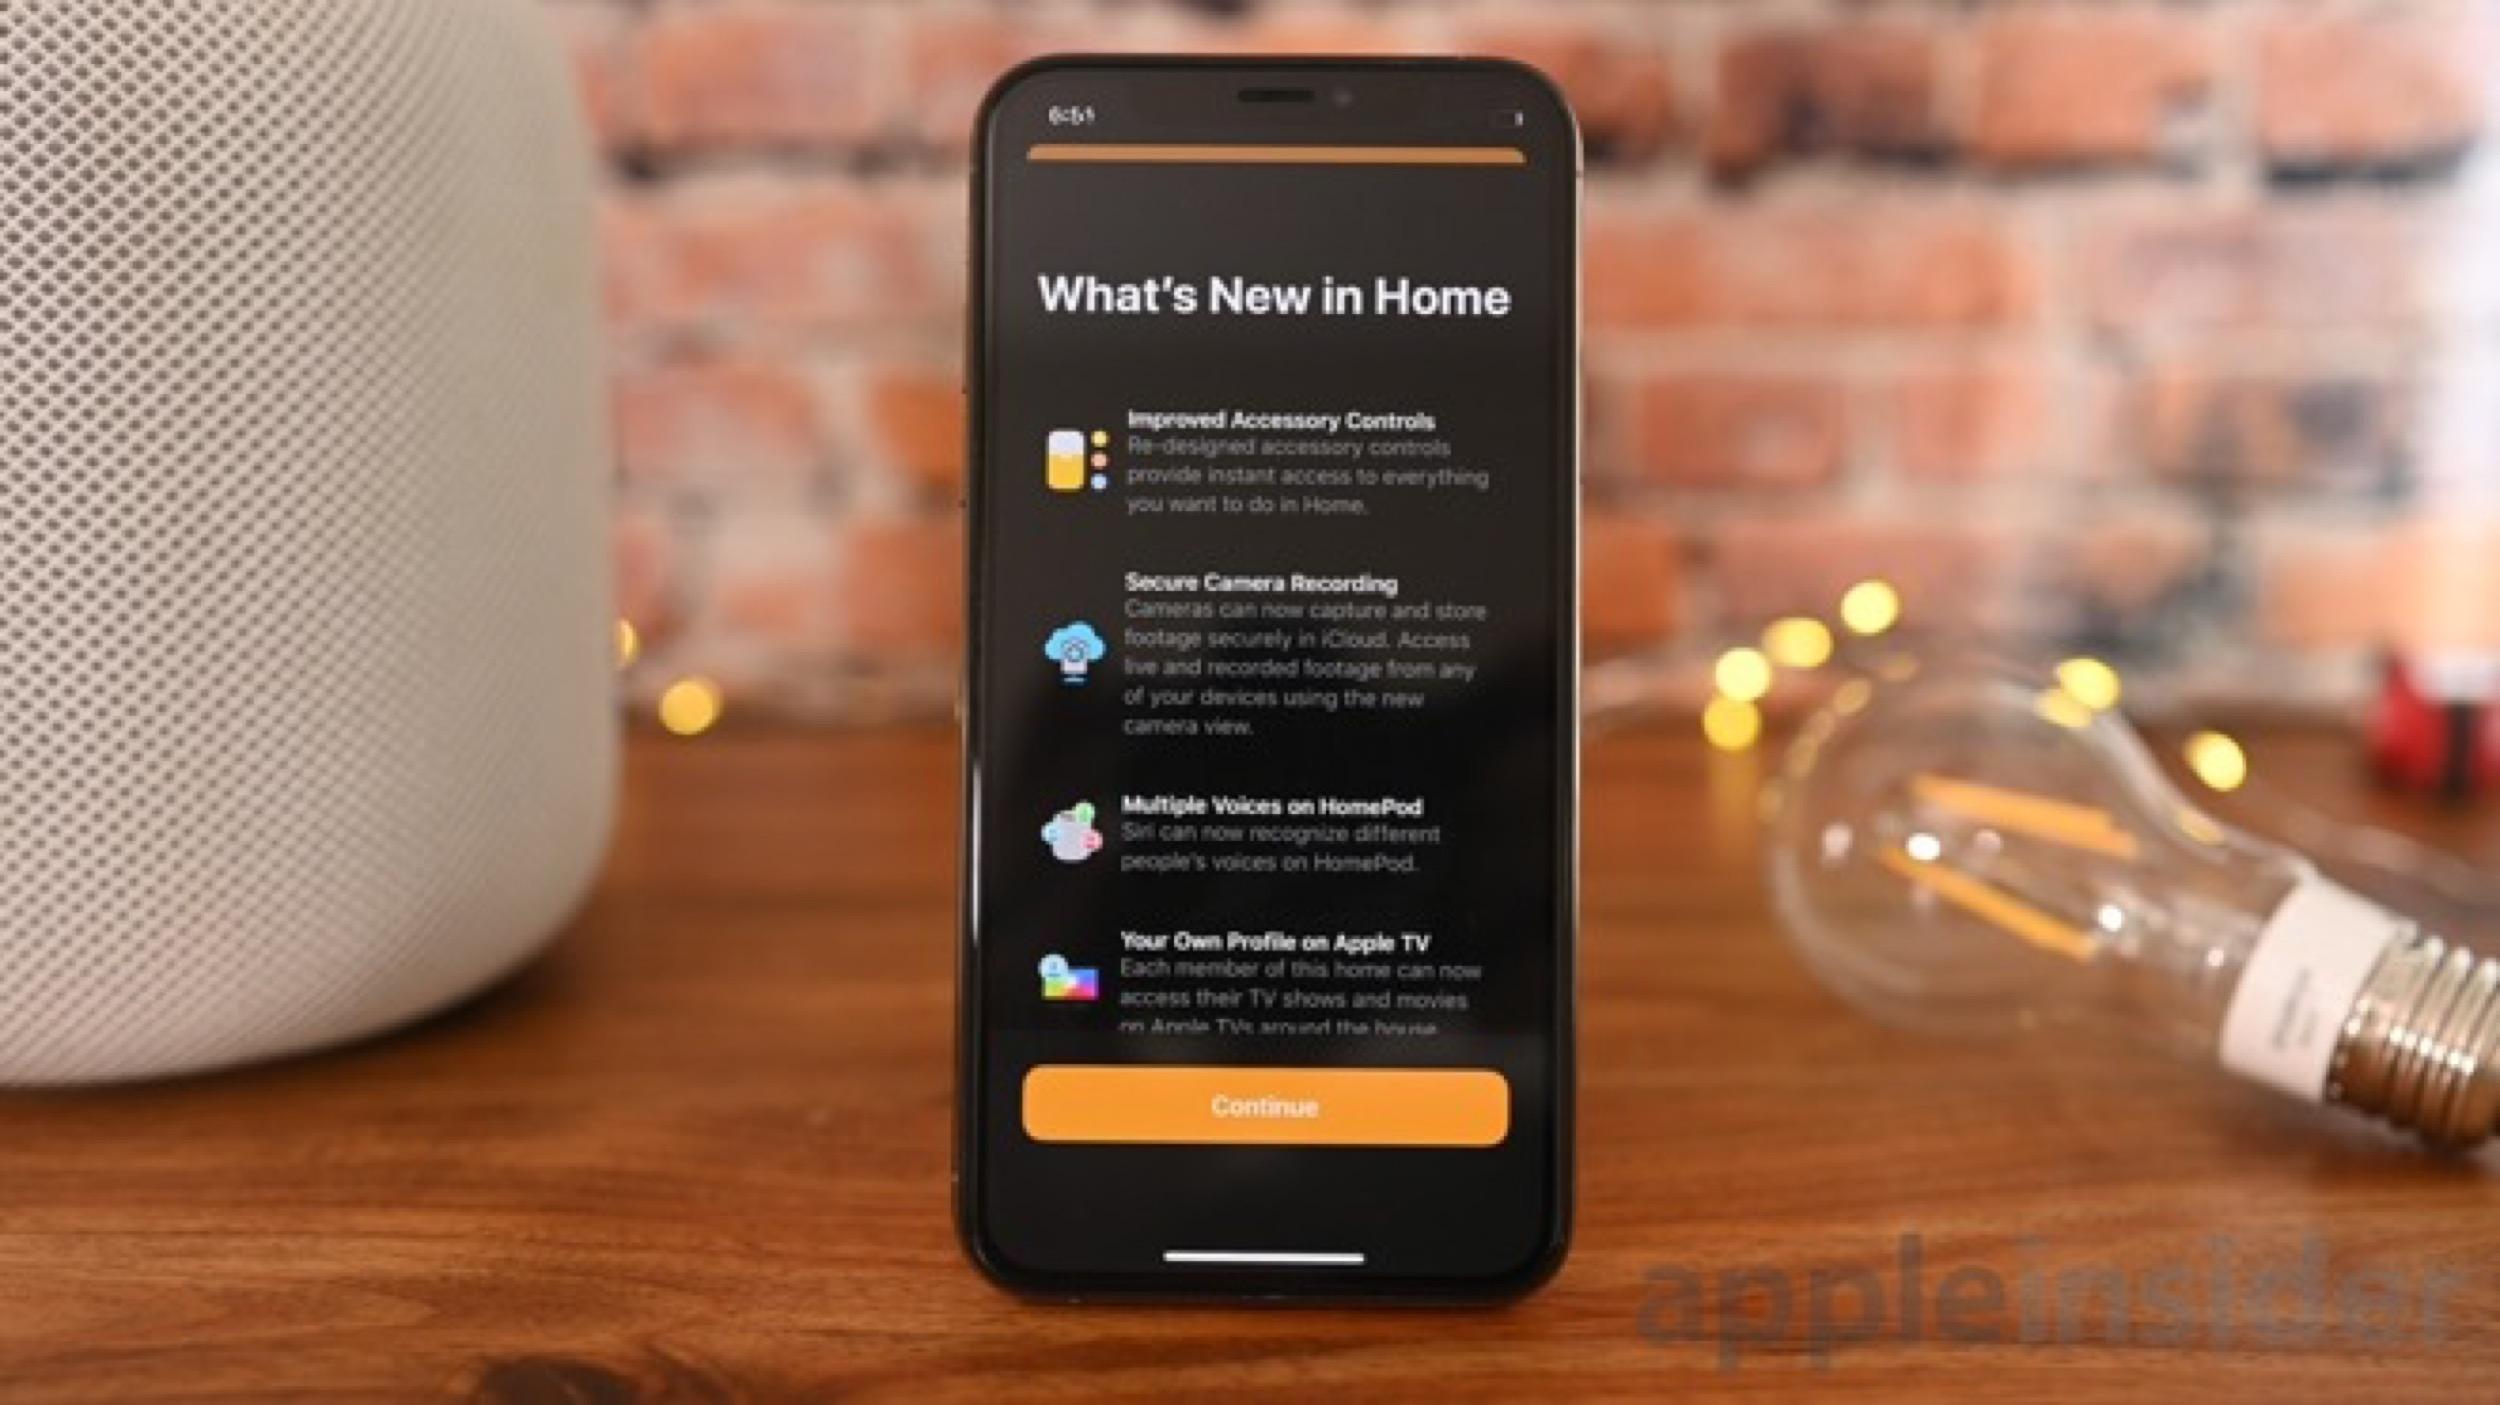 Nouvelle bêta 2 pour iOS 13 et autres OS d'Apple : les nouveautés 1